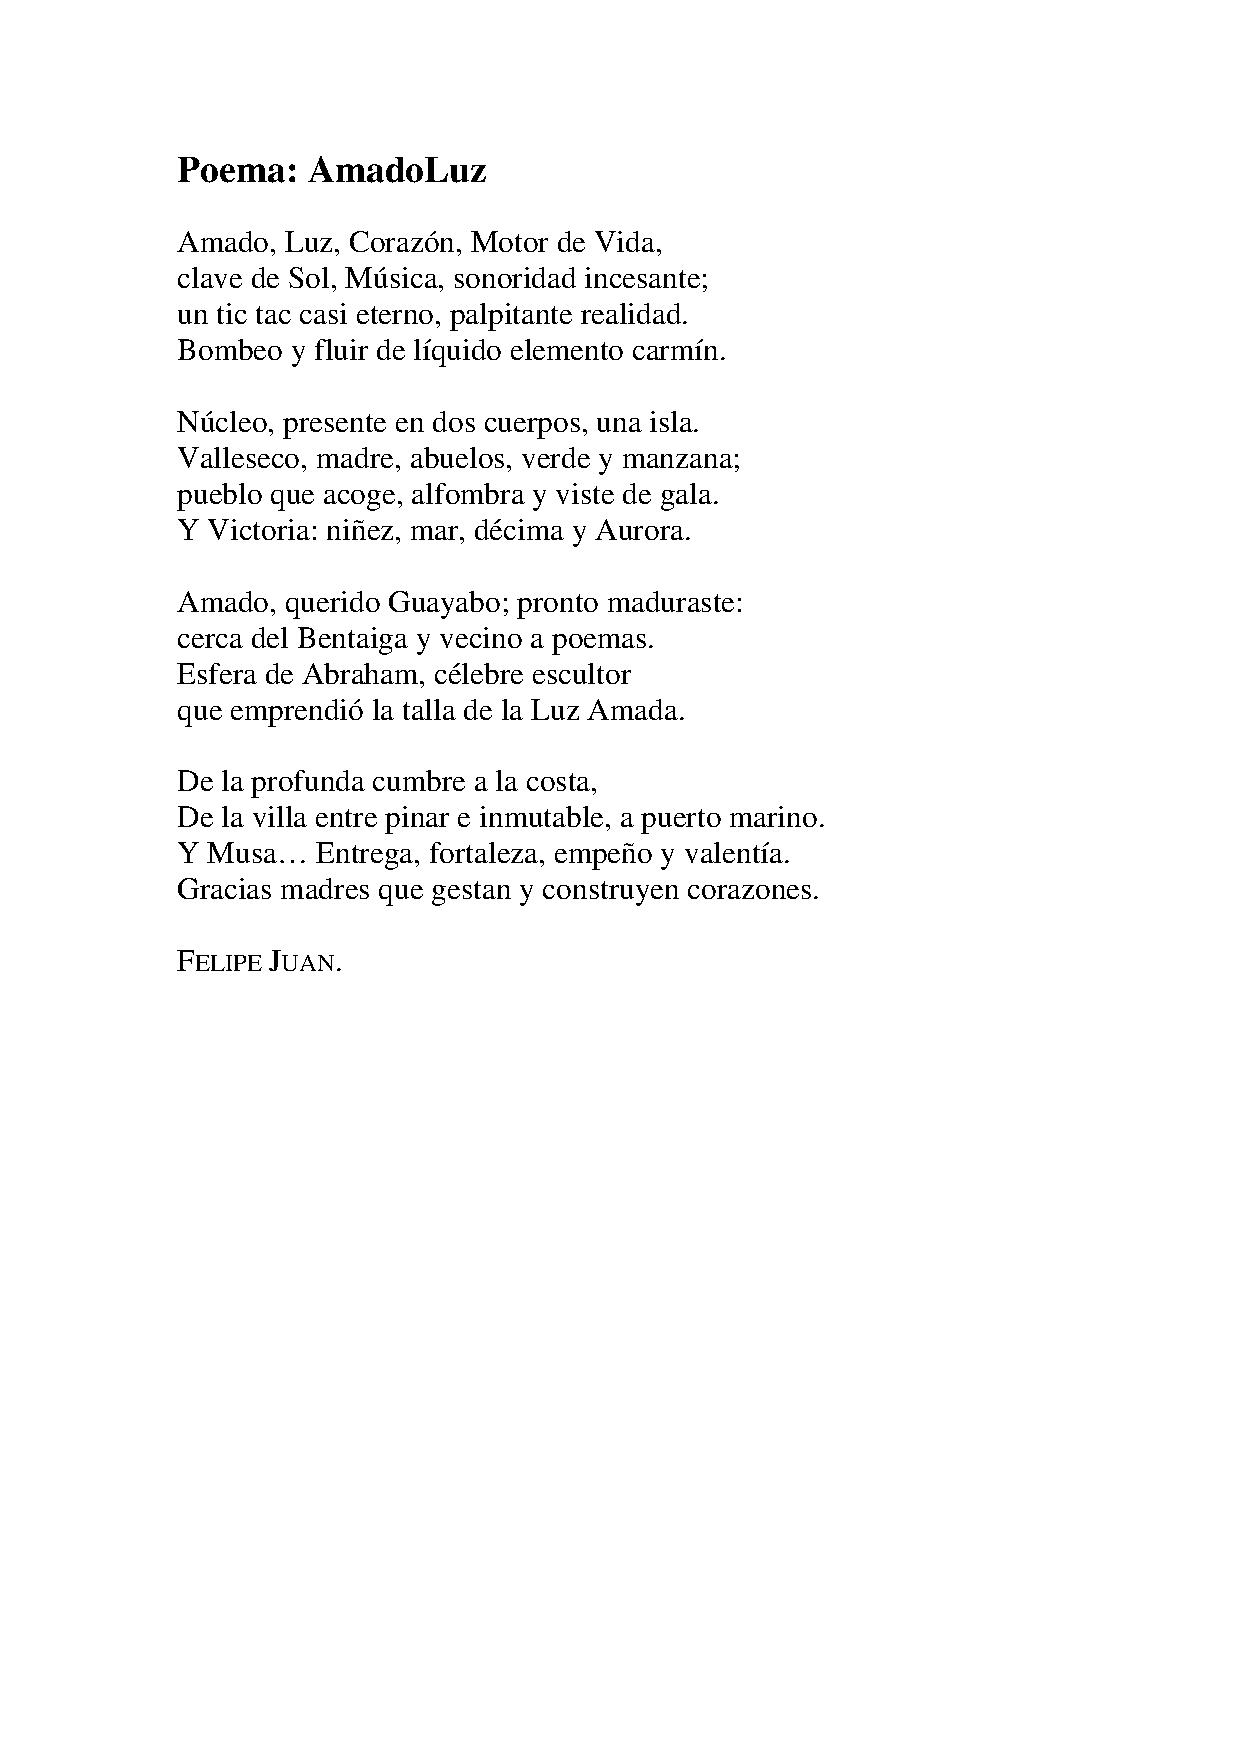 7_Exposición_AmadoLuz__Poema_de_Felipe_Juan_.jpg